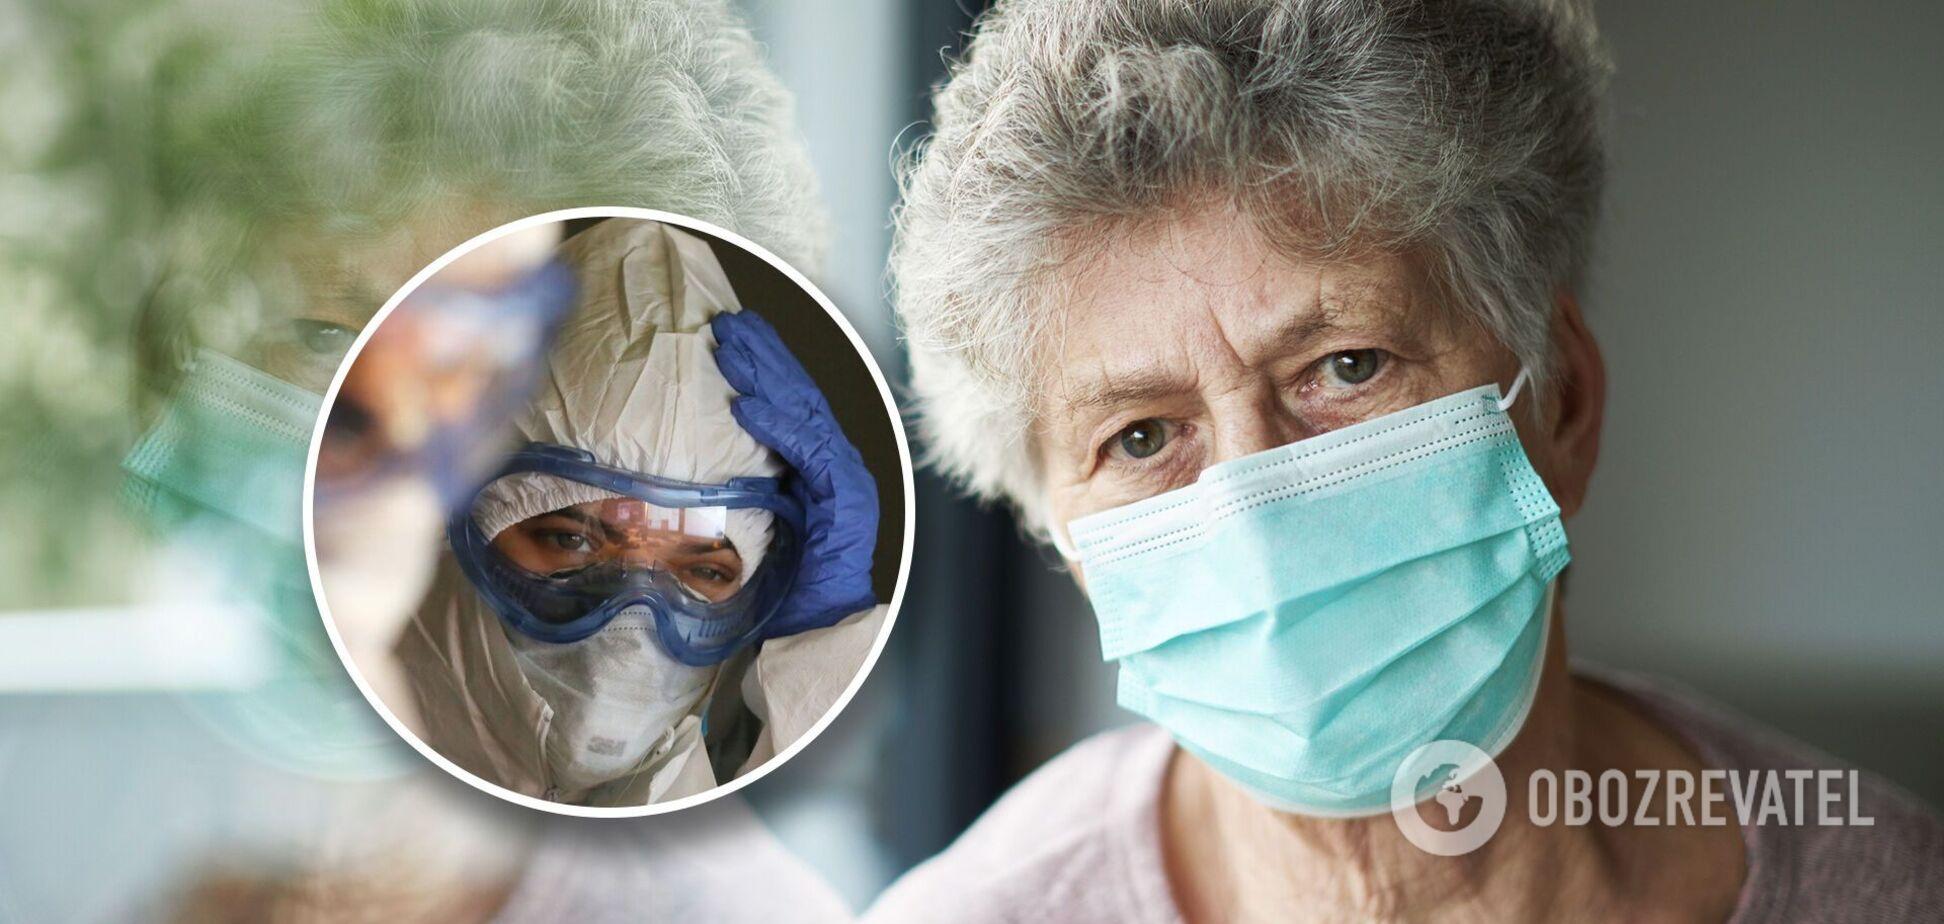 На Житомирщині пацієнти з коронавірусом лежать у коридорах. Медики падають із ніг, до хворих на діабет та онкологію не доходять руки